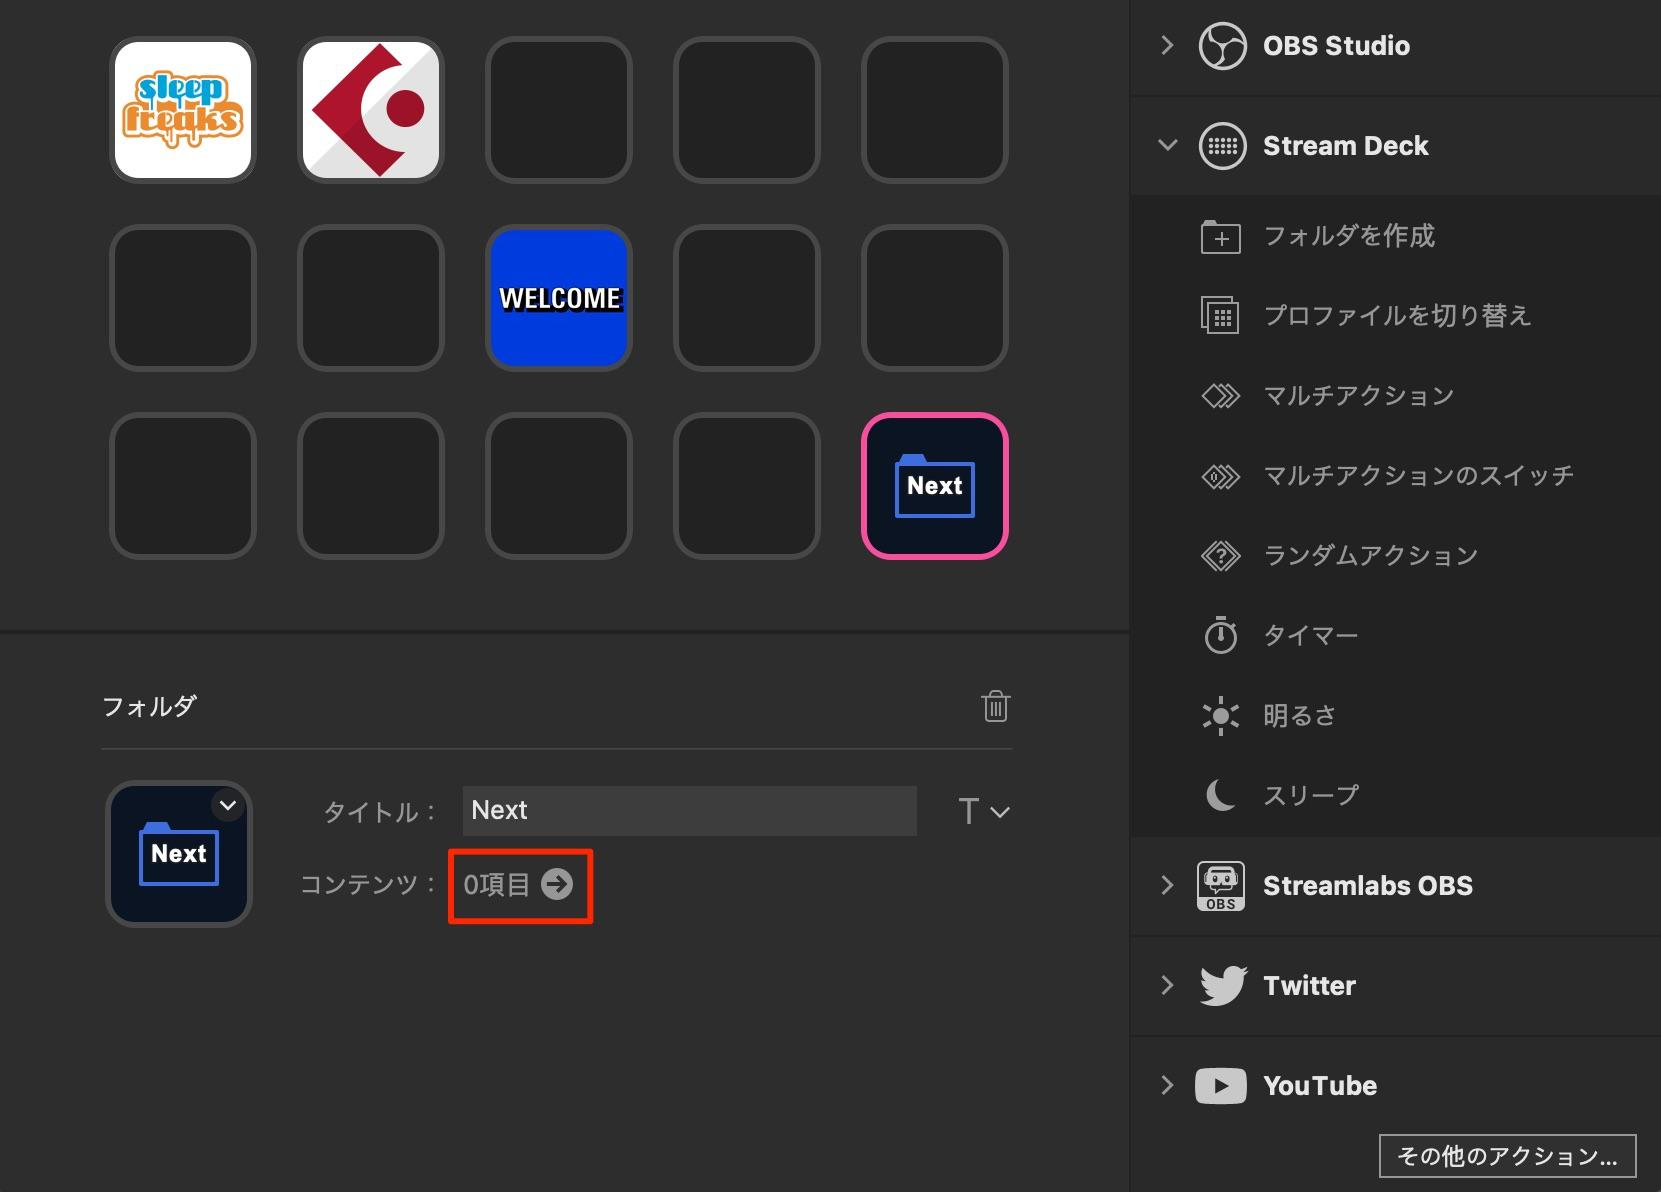 コンテンツ Stream_Deck